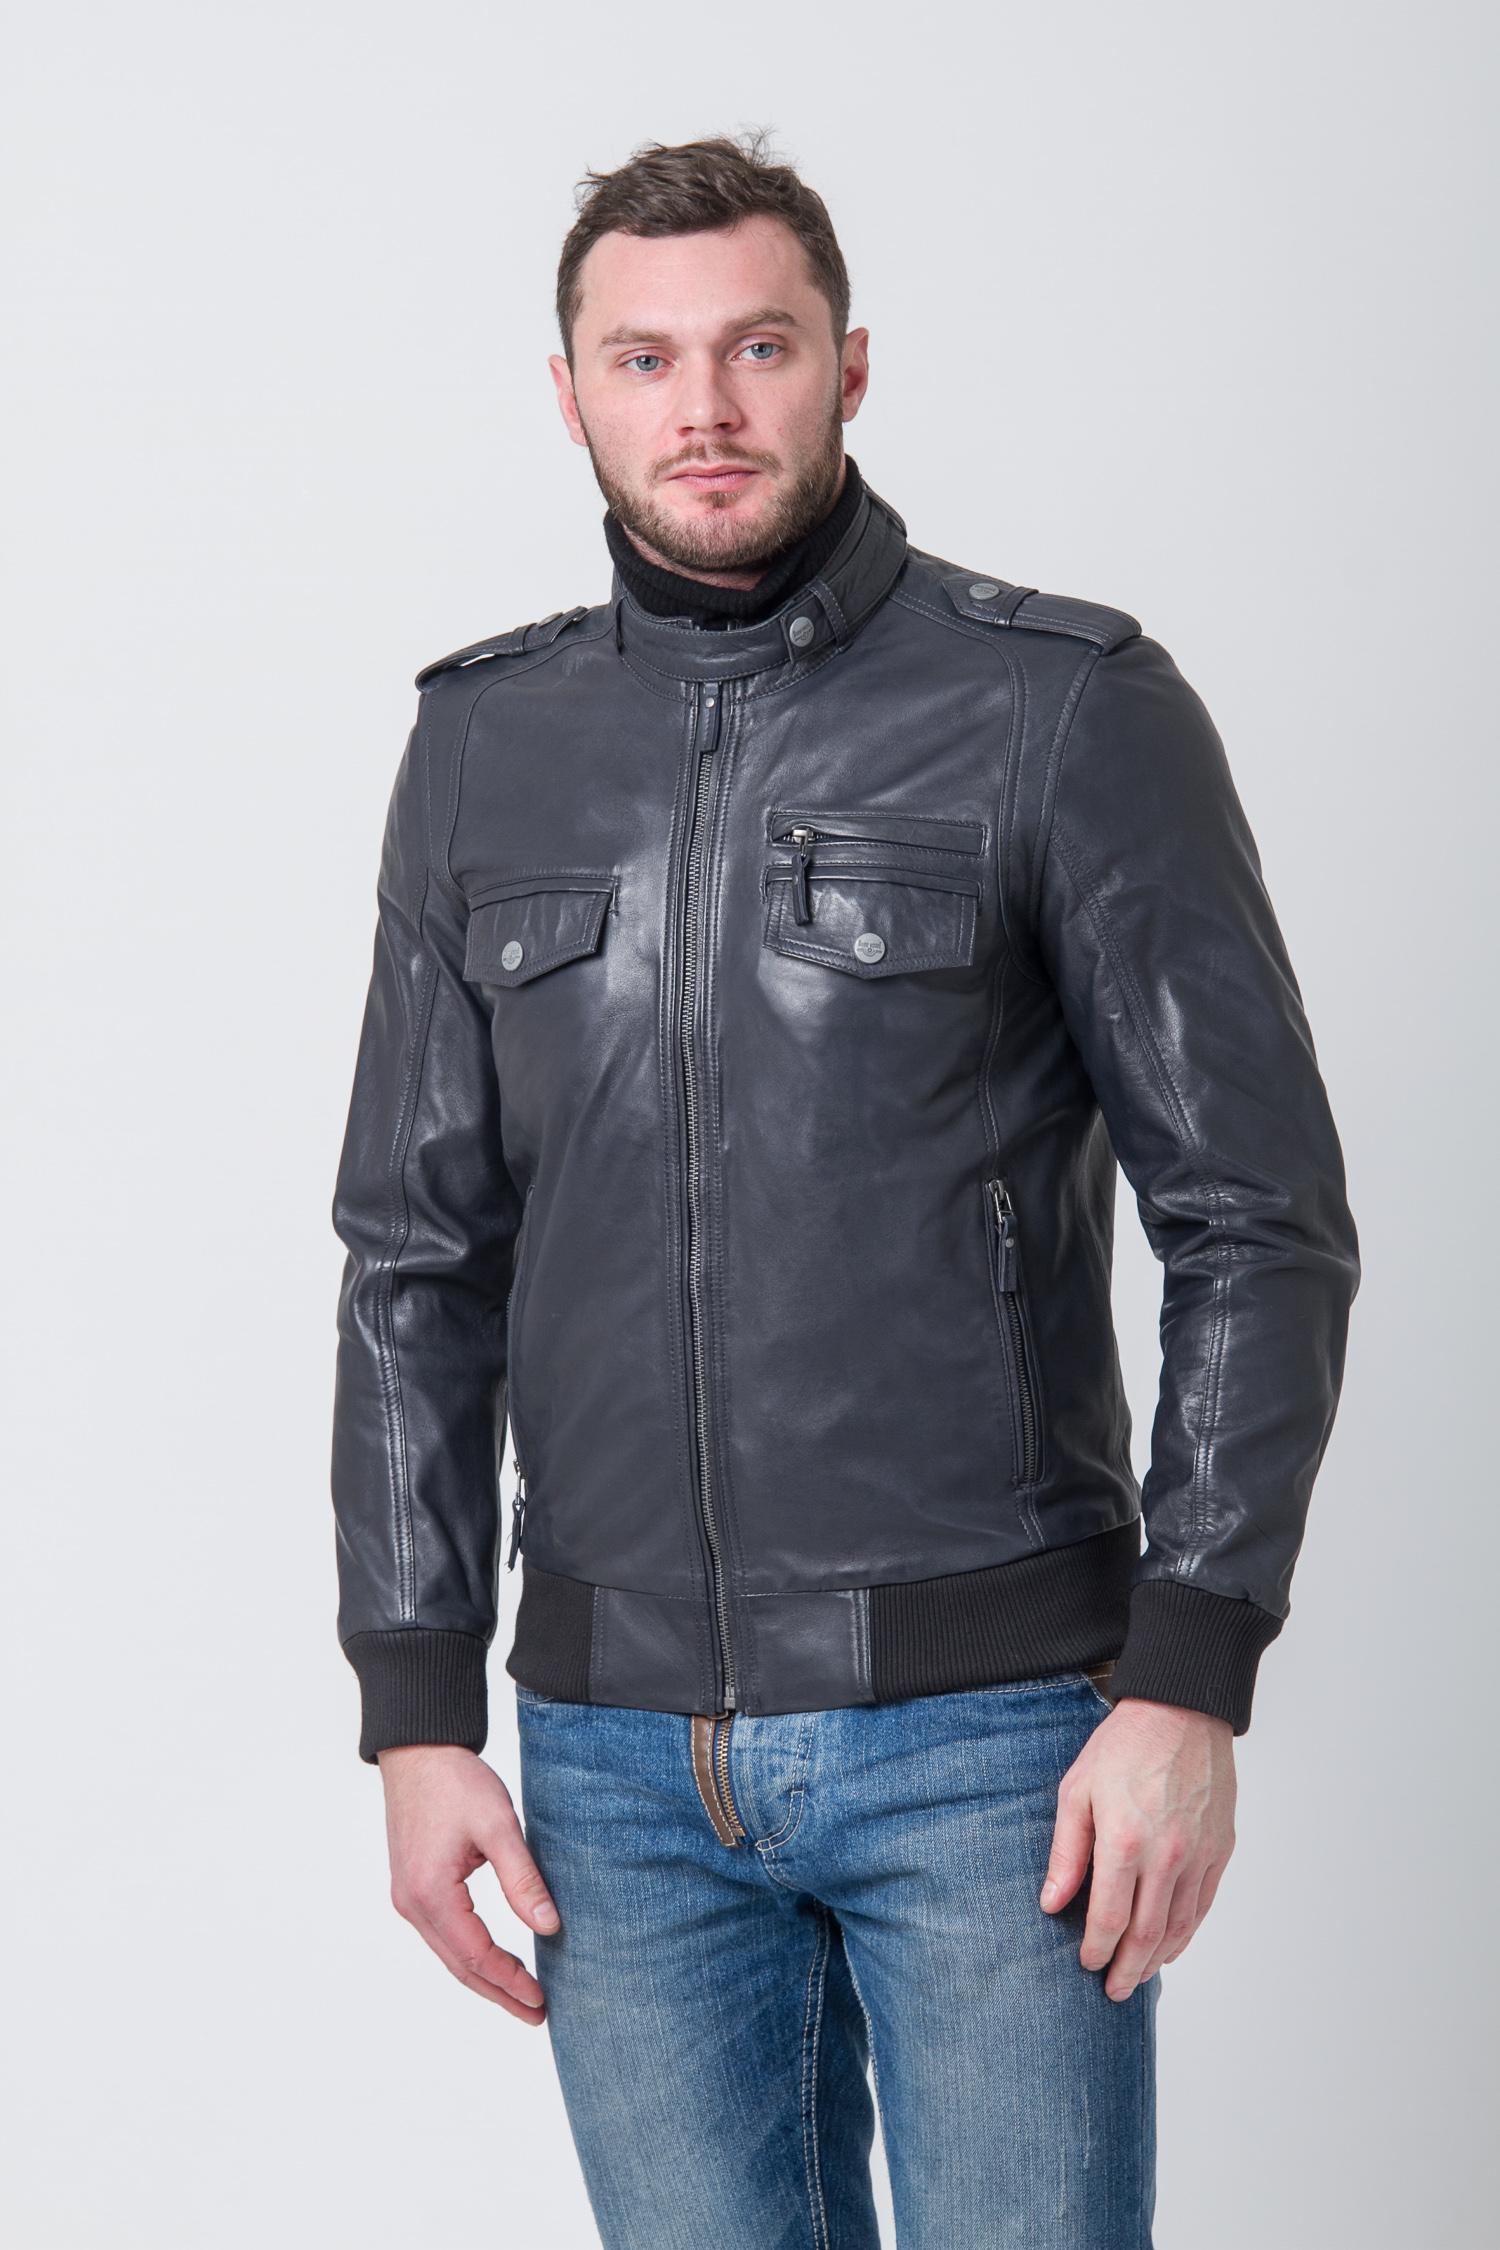 Мужская кожаная куртка с воротником, без отделки<br><br>Воротник: стойка<br>Длина см: Короткая (51-74 )<br>Материал: Кожа овчина<br>Цвет: синий<br>Застежка: на молнии<br>Пол: Мужской<br>Размер RU: 60